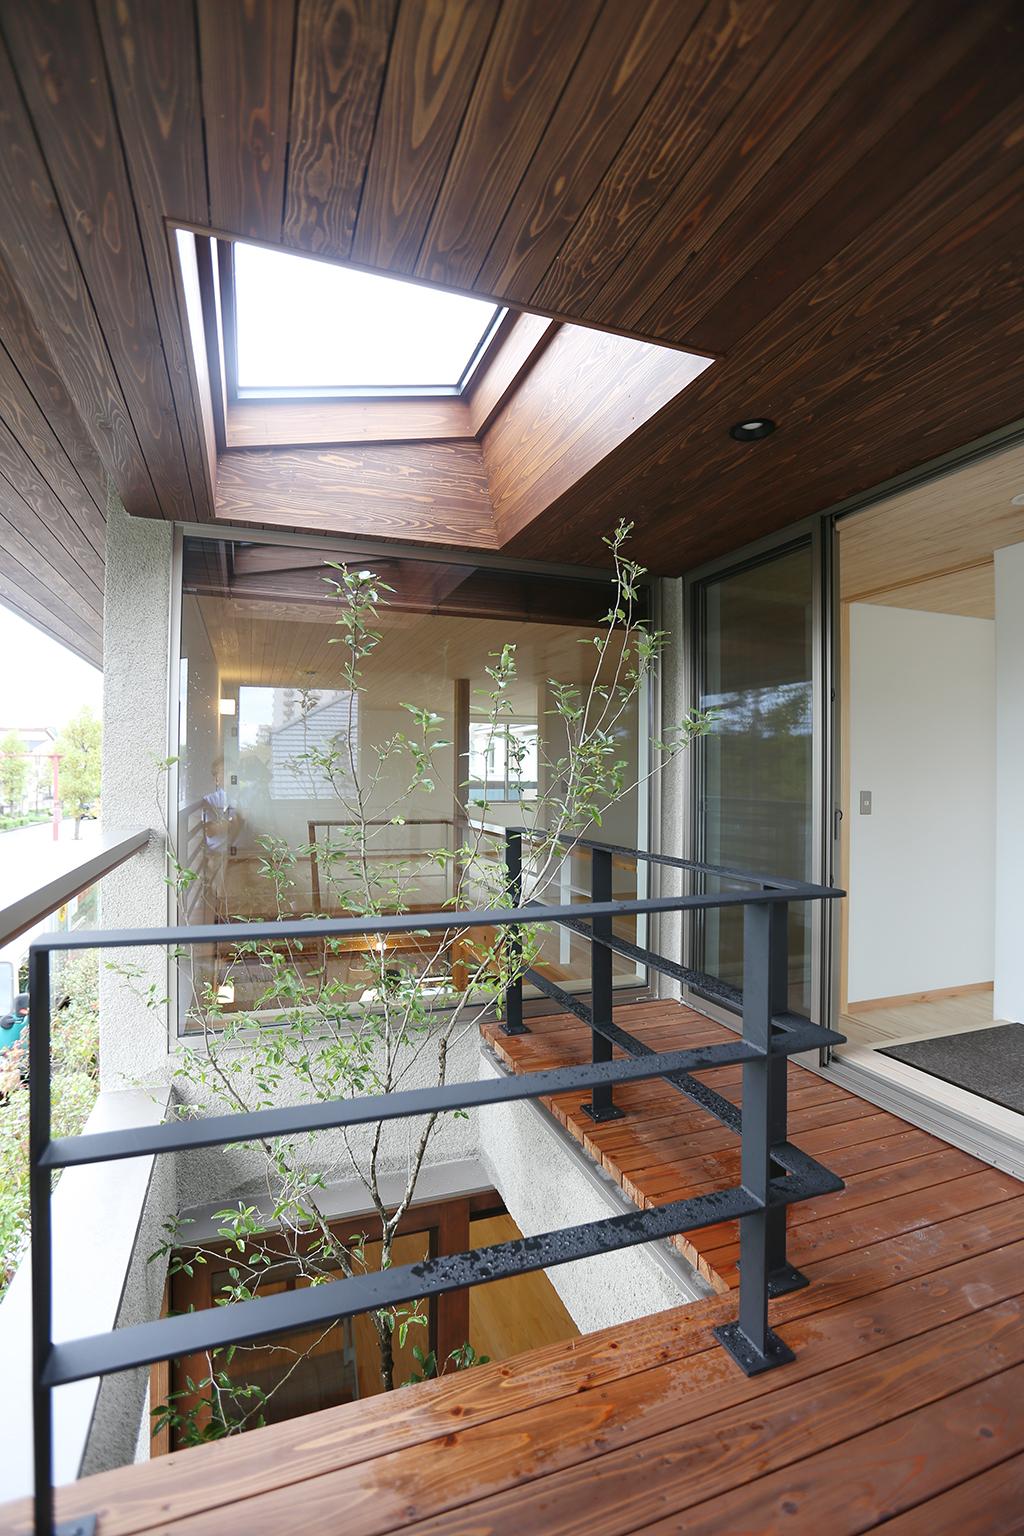 三田市の木の家 光の降り注ぐベランダデッキ